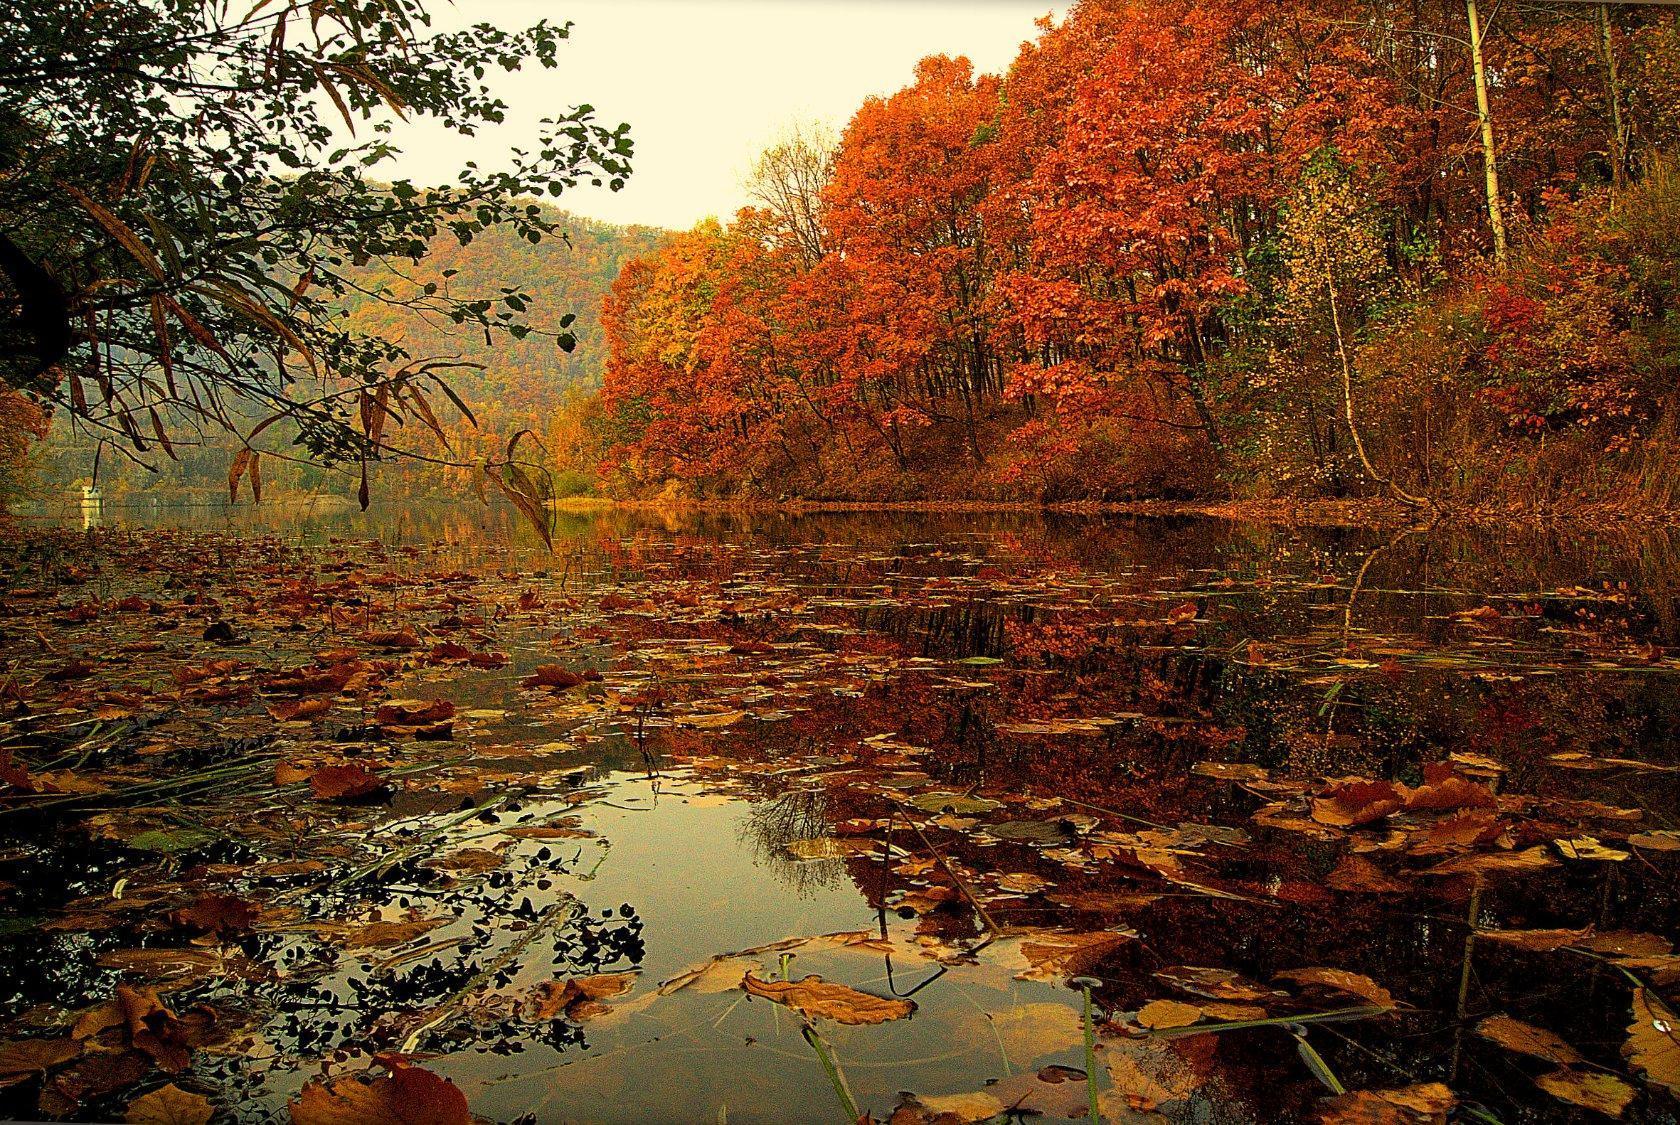 Ярко-рыжими красками вспыхнула осень...